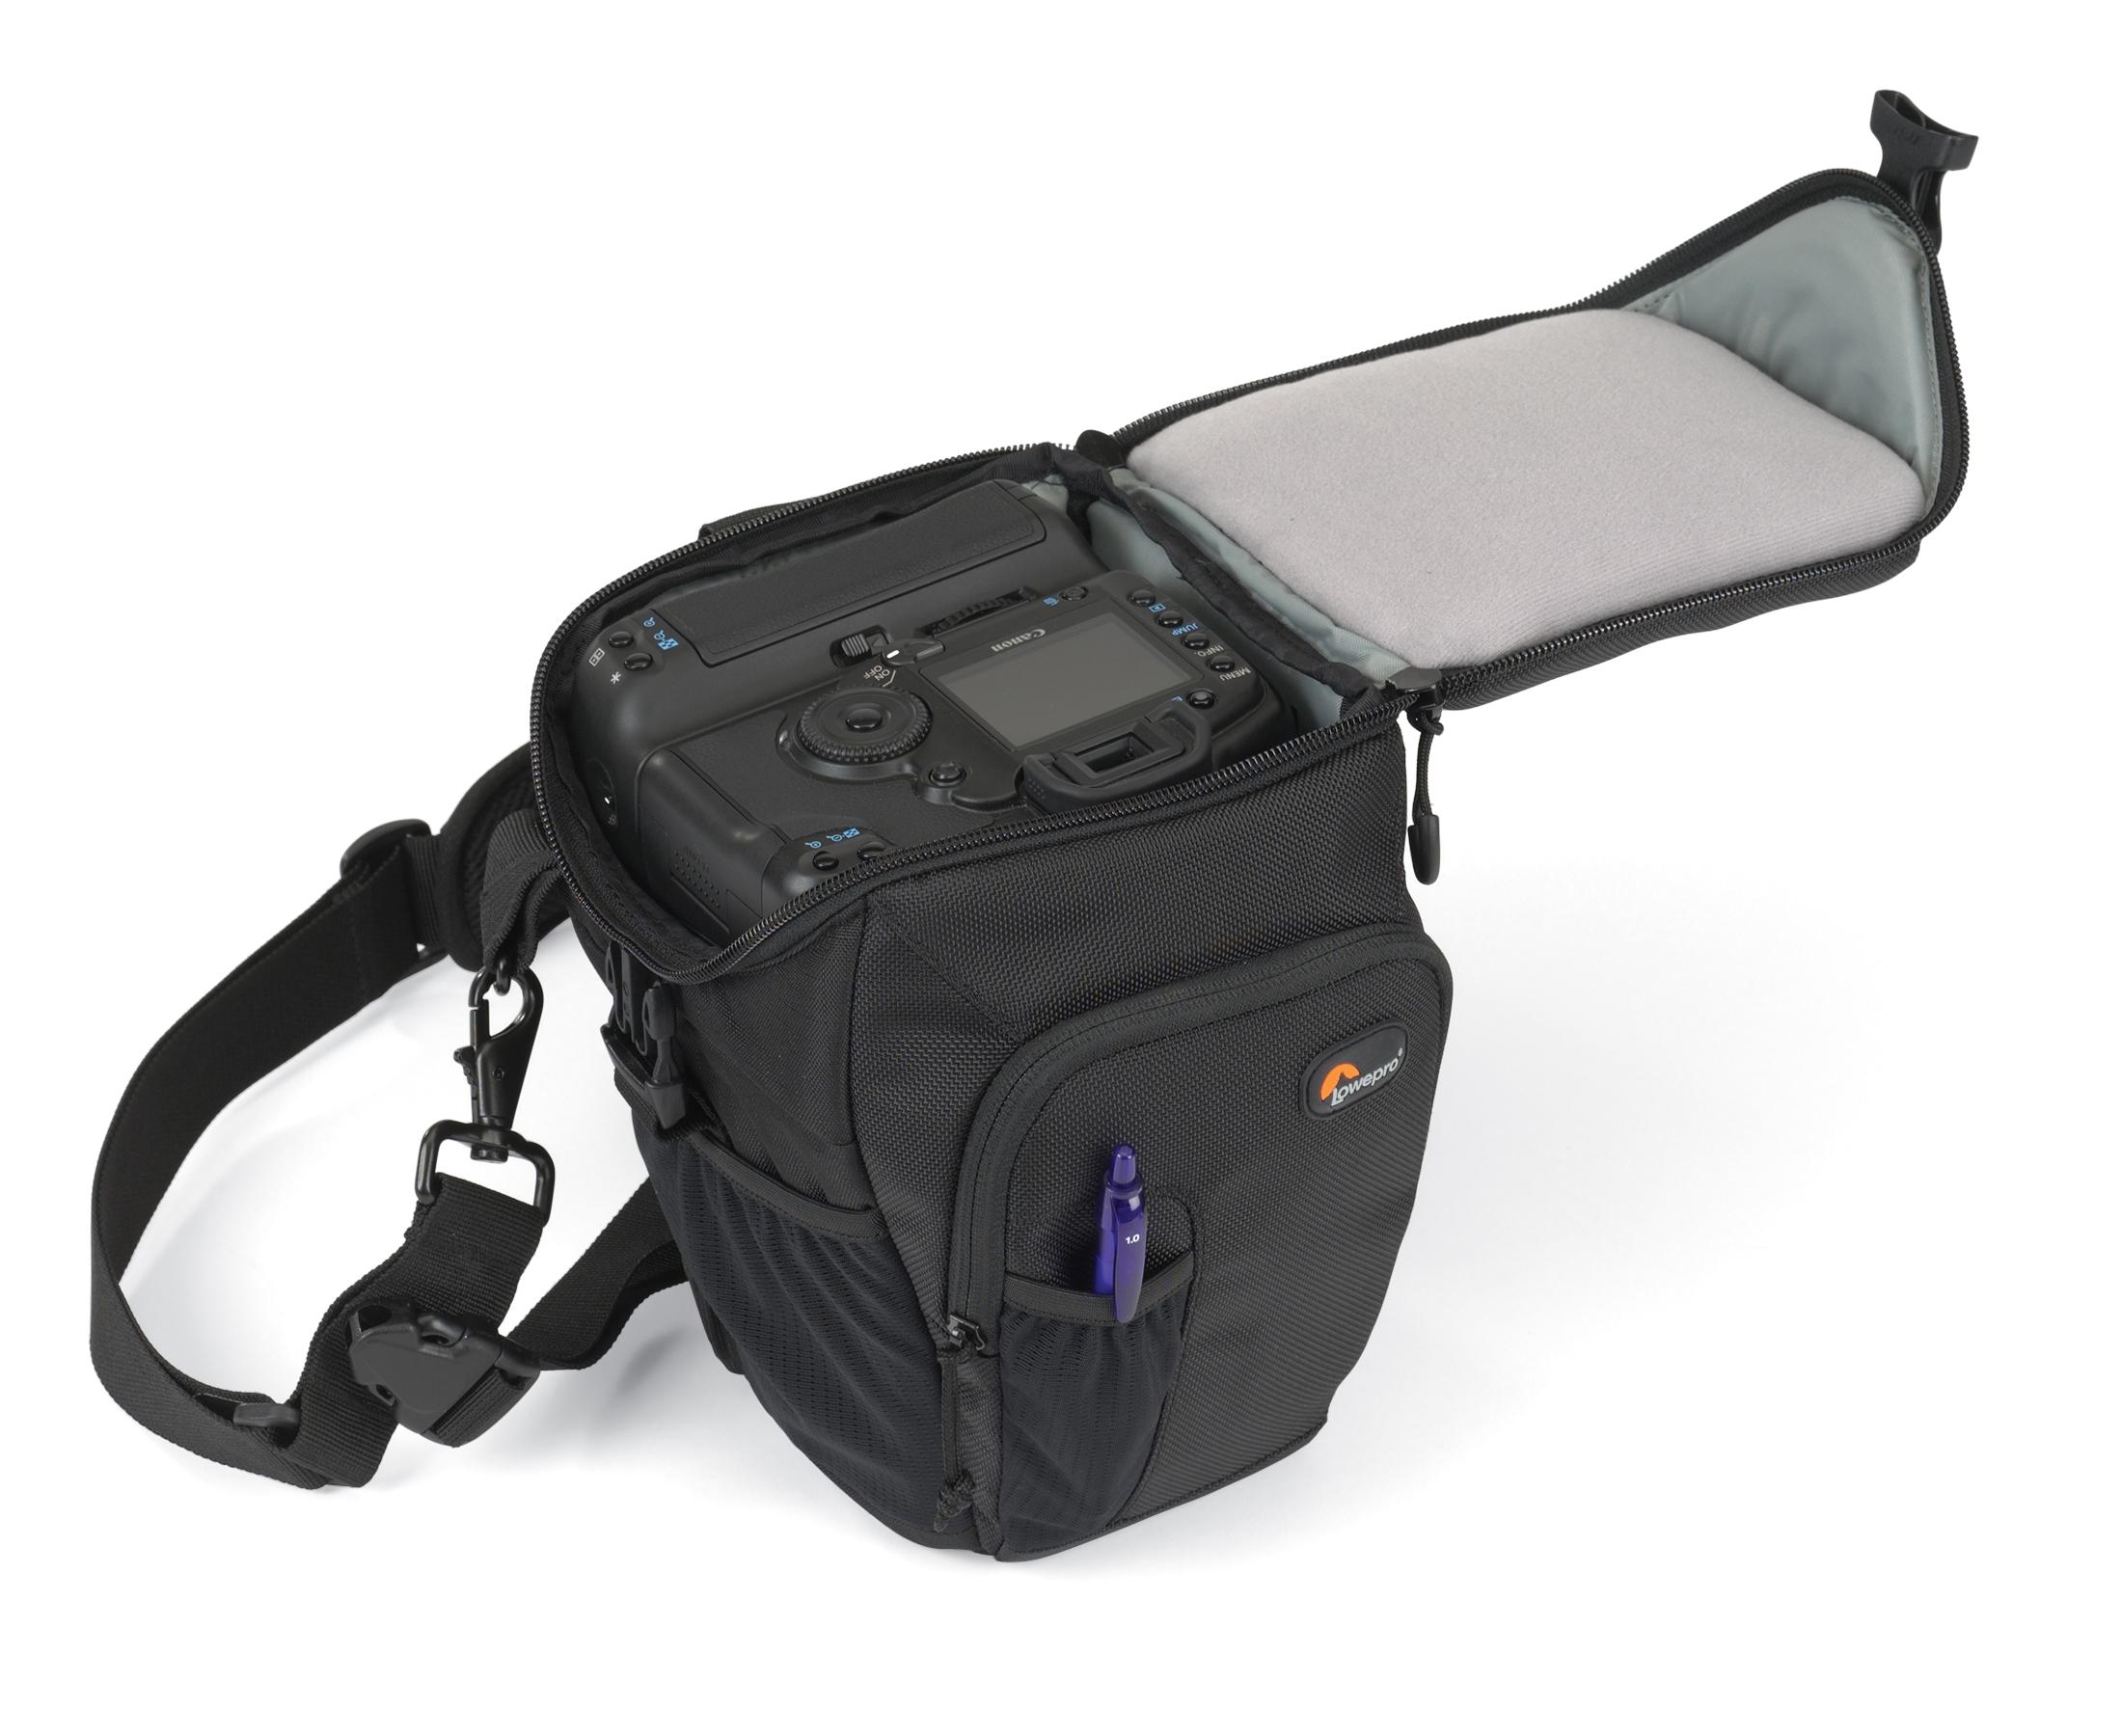 Fotoblog 2011 Roku Nagrody Lowepro Orion Aw Zaprojektowany Na Wskro Dla Profesjonalistw Toploader Pro 70 Jest Wprost Stworzony Do Fotografowania W Akcji Asymetrycznie Profilowany Ksztat